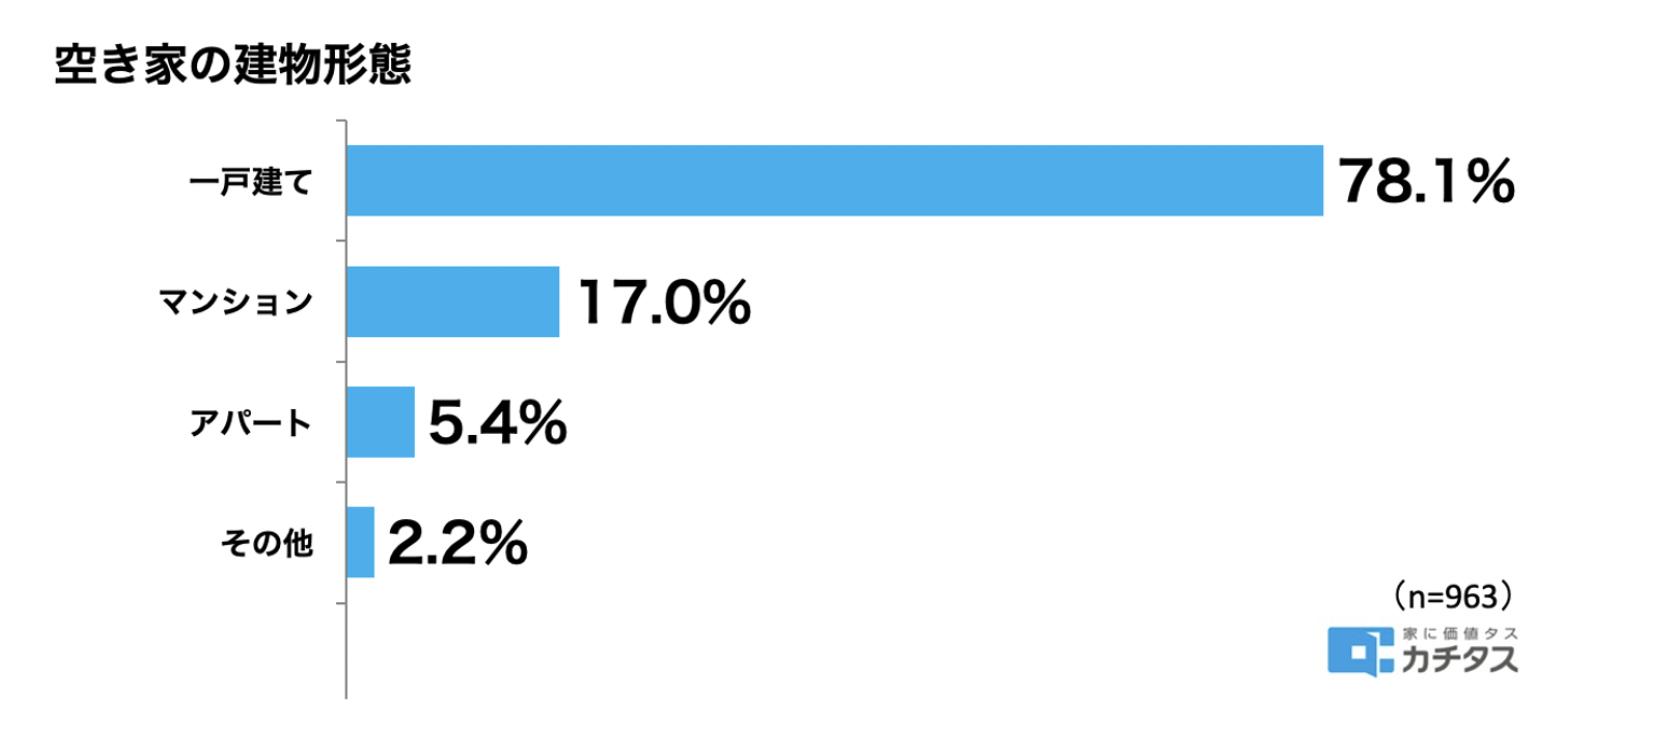 2033年には空き家率が30%に到達!? 空き家処分は加速するのか?